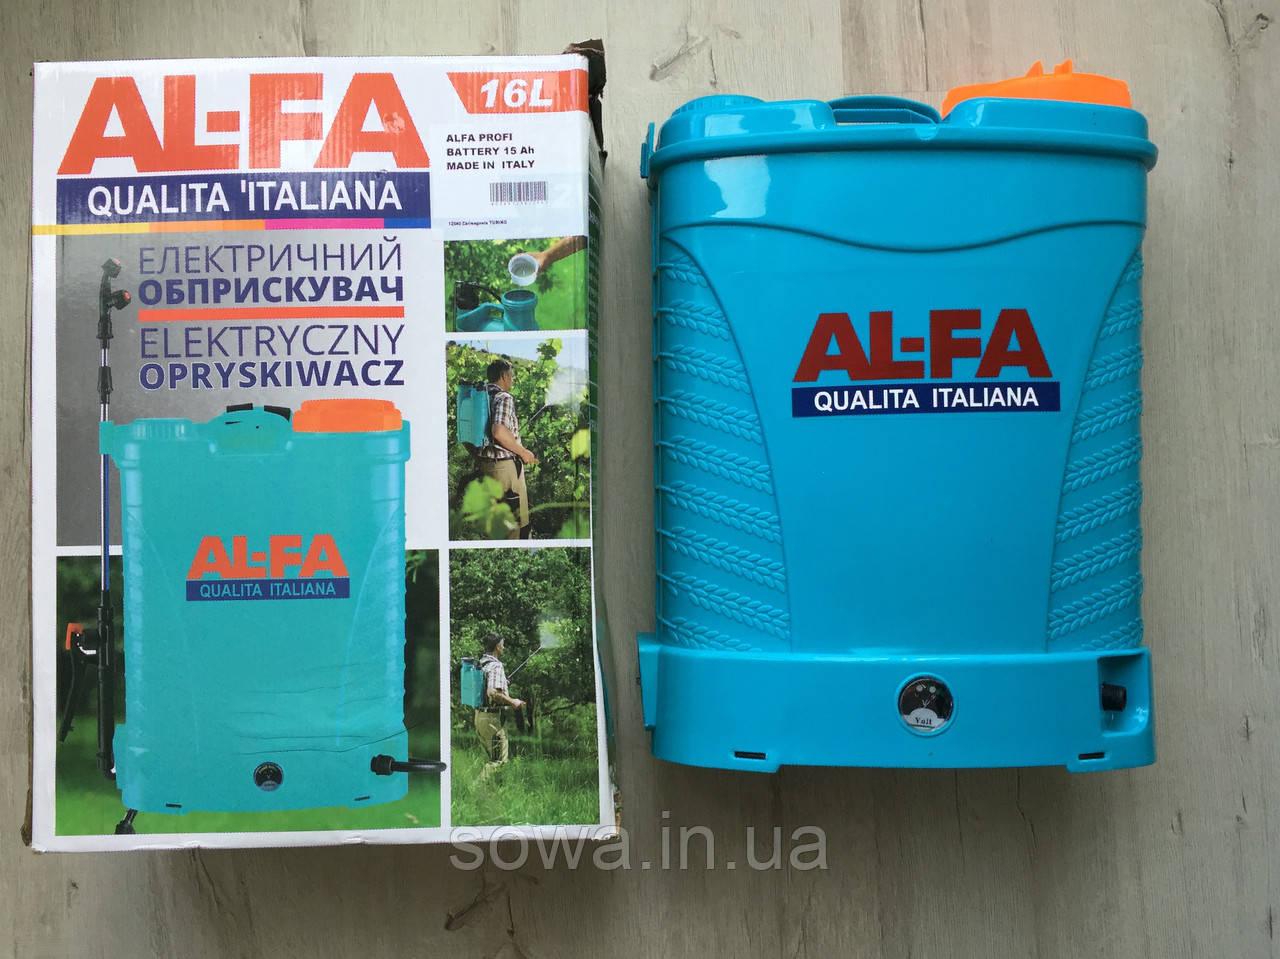 ✔️ Опрыскиватель аккумуляторный  Al-Fa Profi  ( 16л ) ( 15Ah ) ( 12V )